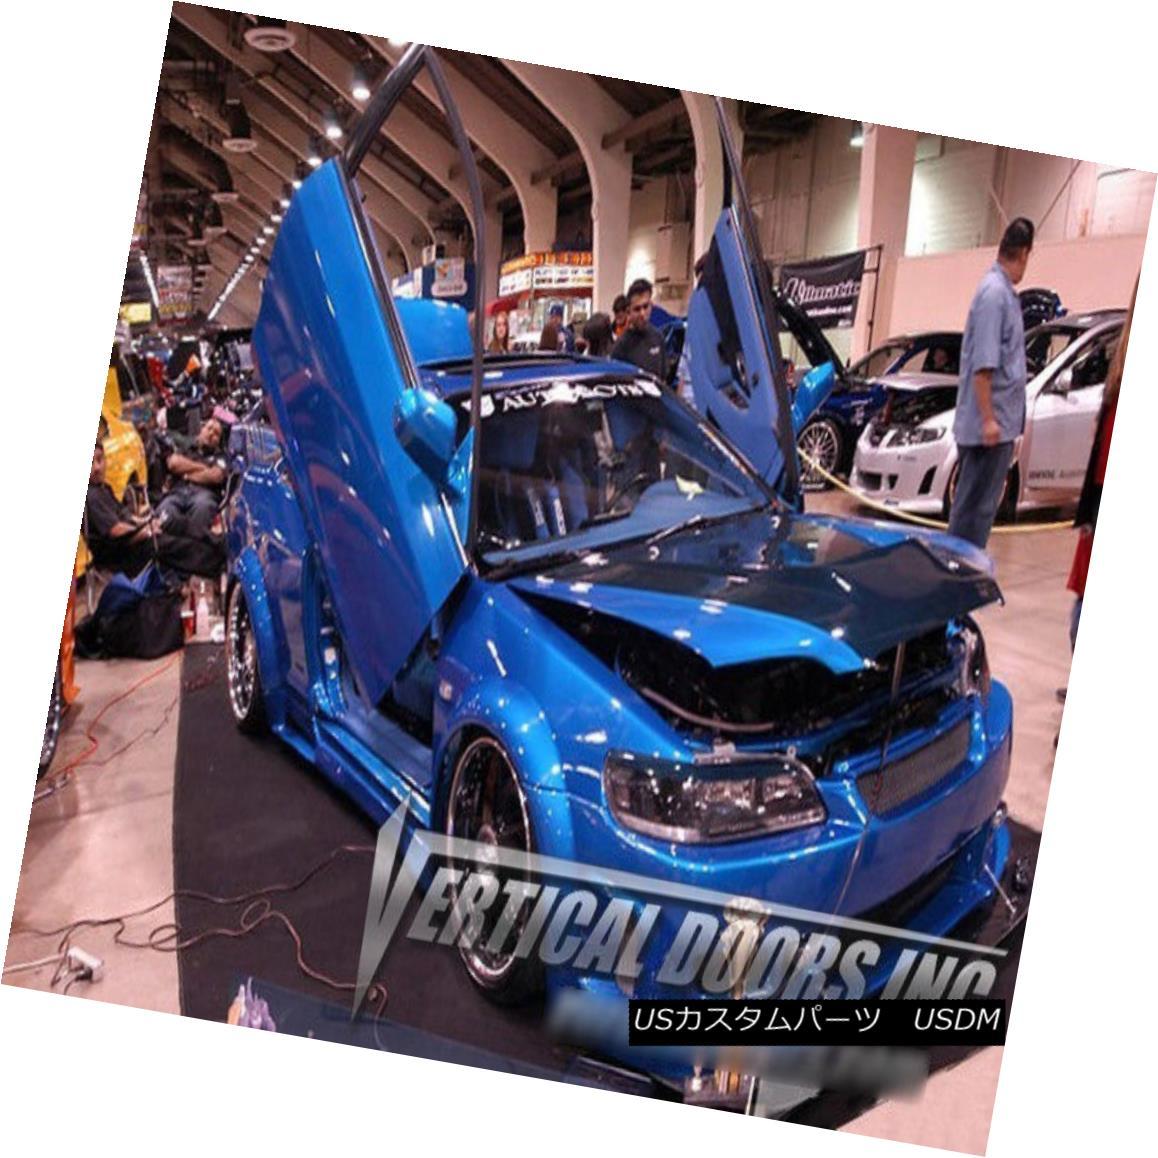 ガルウィングキット Acura Cl 1996-1999 Lambo Kit Vertical Doors Inc 97 98 Acura Cl 1996-1999 Lambo Kit垂直ドアーズ社97 98